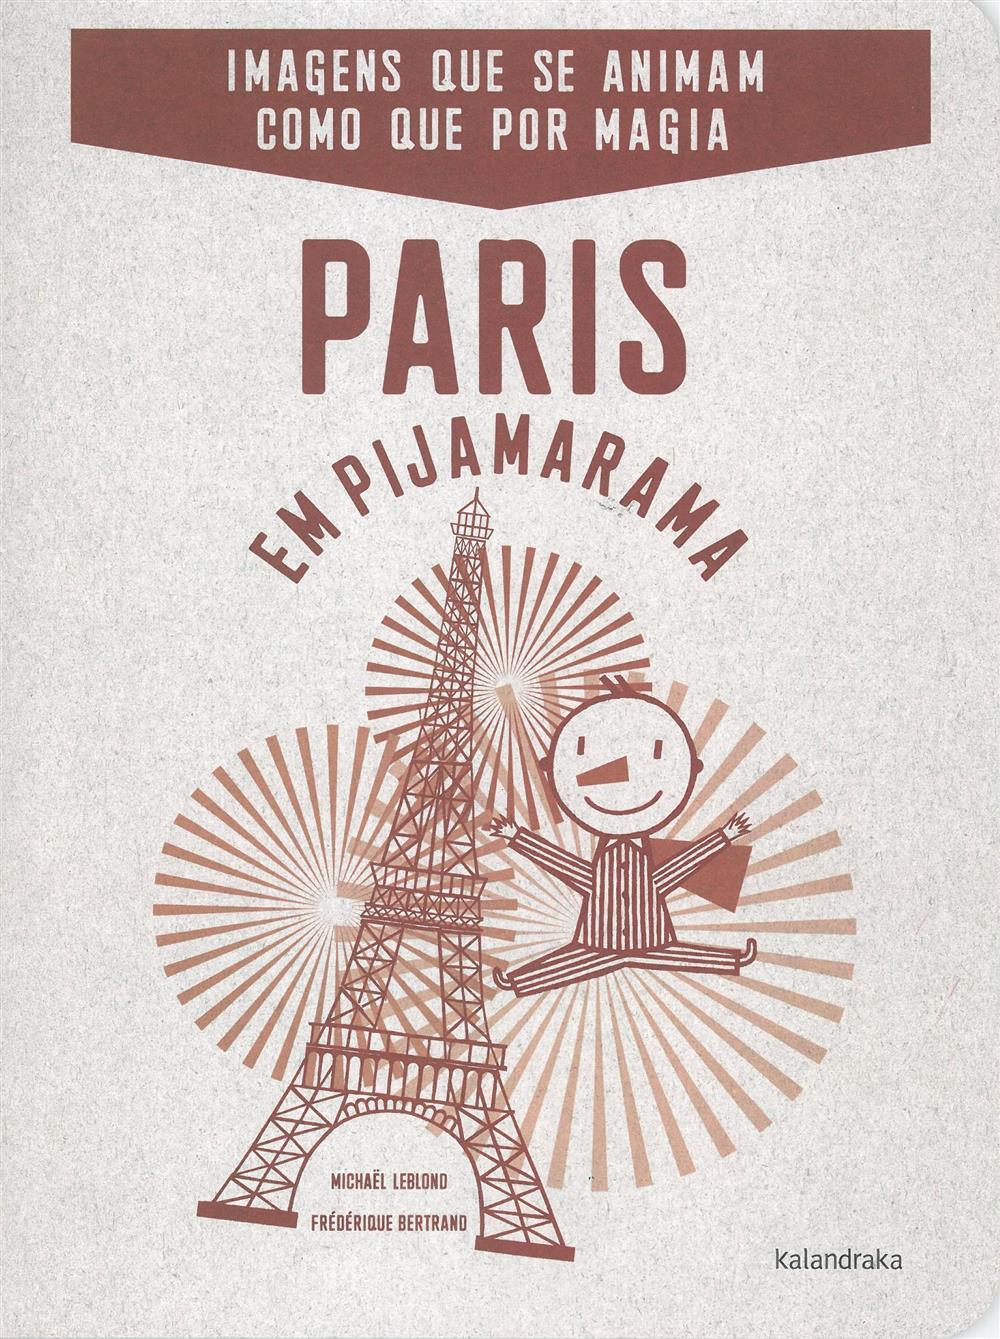 Paris em pijamarama_.jpg